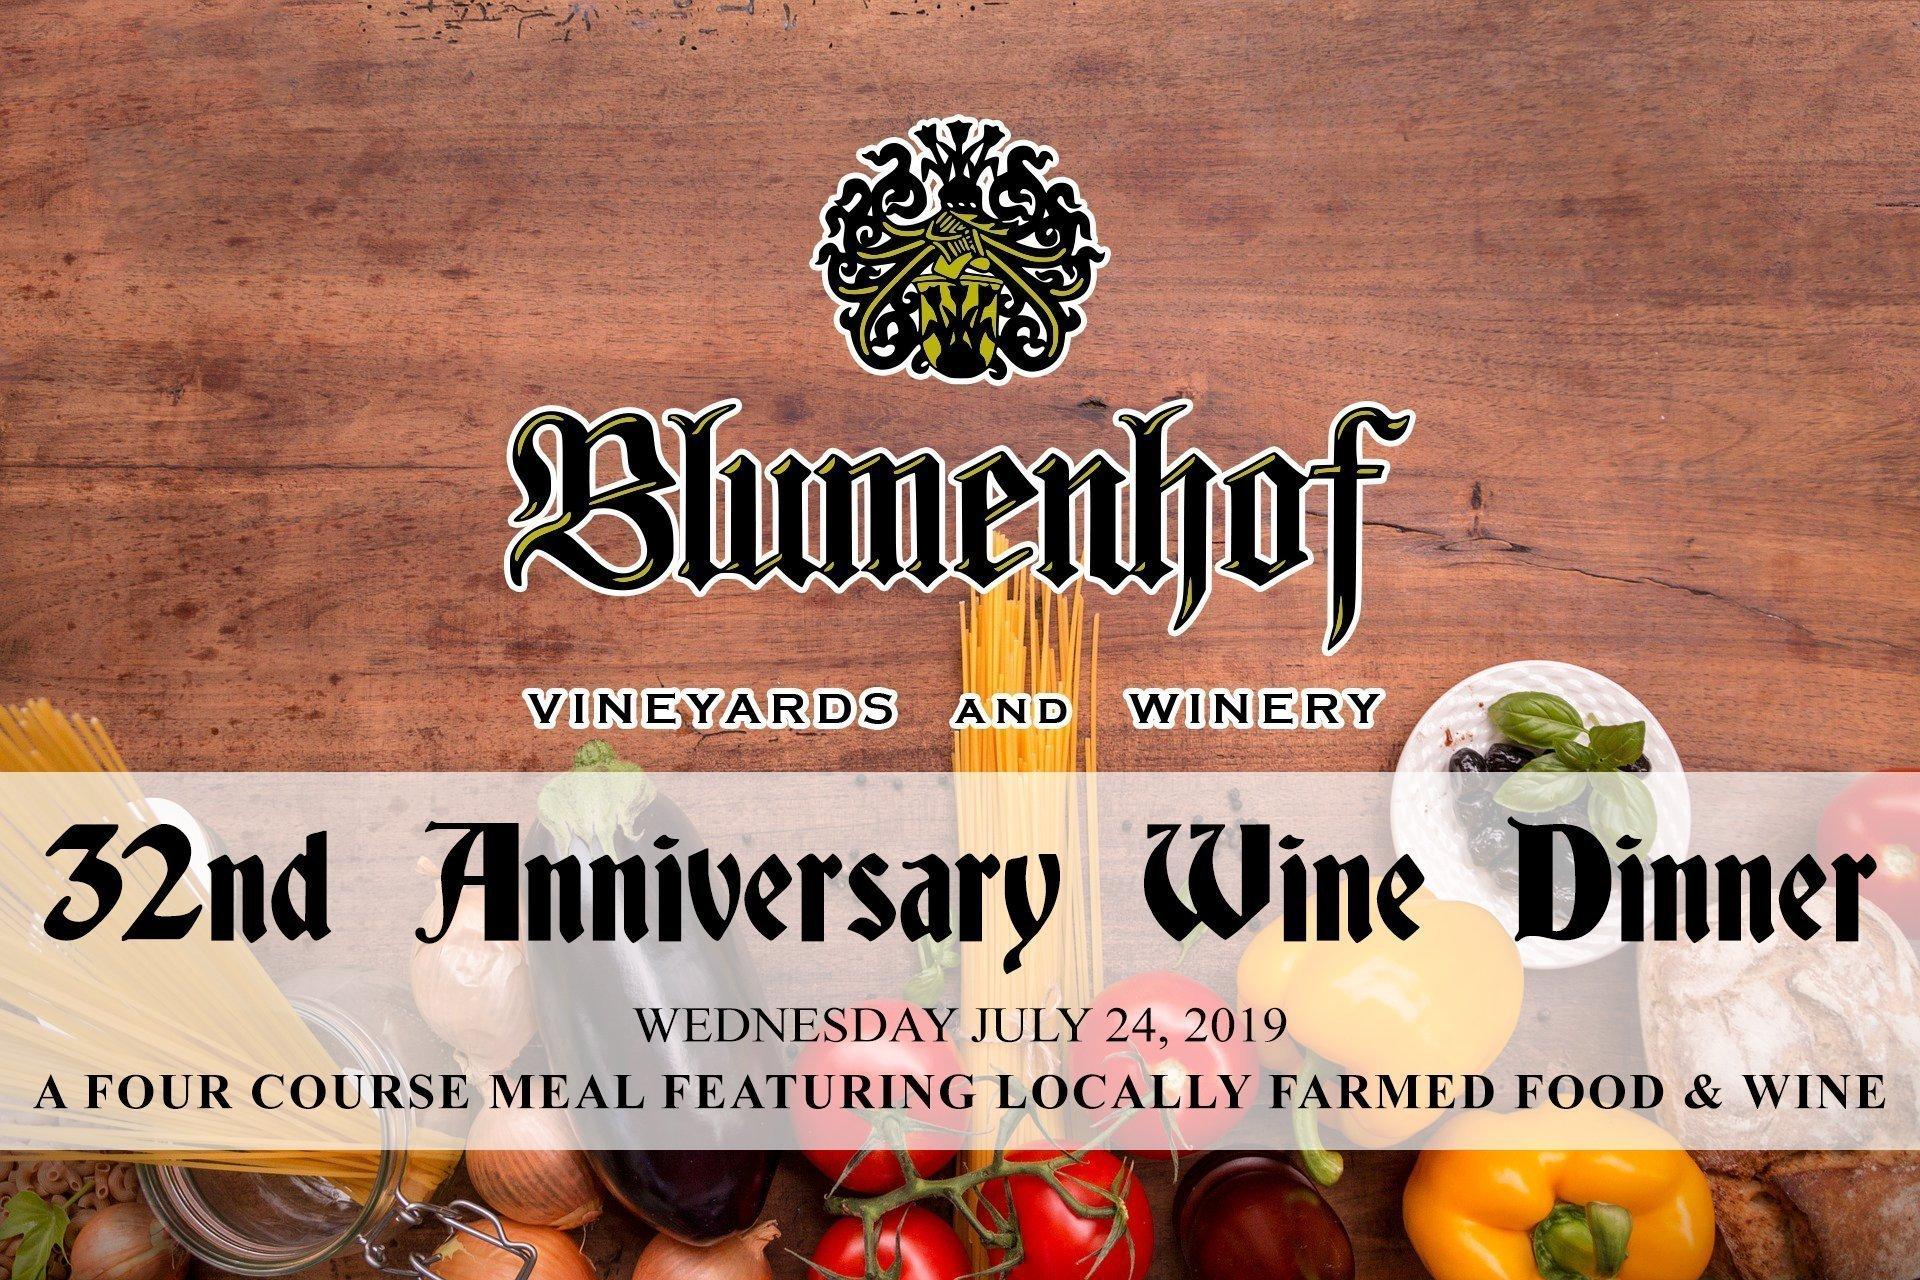 Blumenhof Winery's 32nd Anniversary wine dinner - July 24th 2019